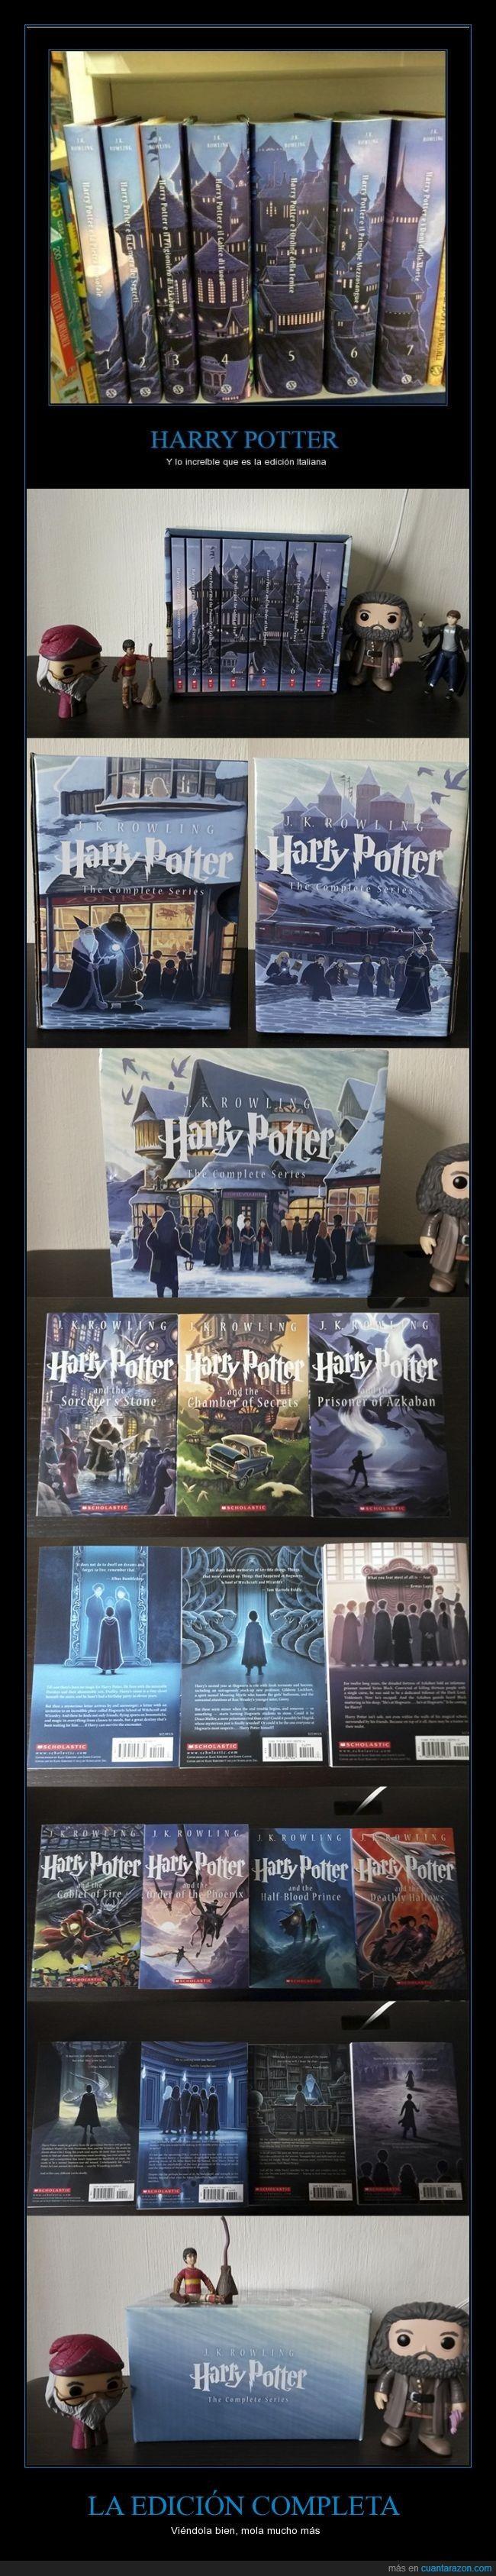 ¿Quieres ver la edición completa de Harry Potter? Cuidado, te dará mucha envidia - Viéndola bien, mola mucho más Gracias a http://www.cuantarazon.com/ Si quieres leer la noticia completa visita: http://www.estoy-aburrido.com/quieres-ver-la-edicion-completa-de-harry-potter-cuidado-te-dara-mucha-envidia-viendola-bien-mola-mucho-mas/